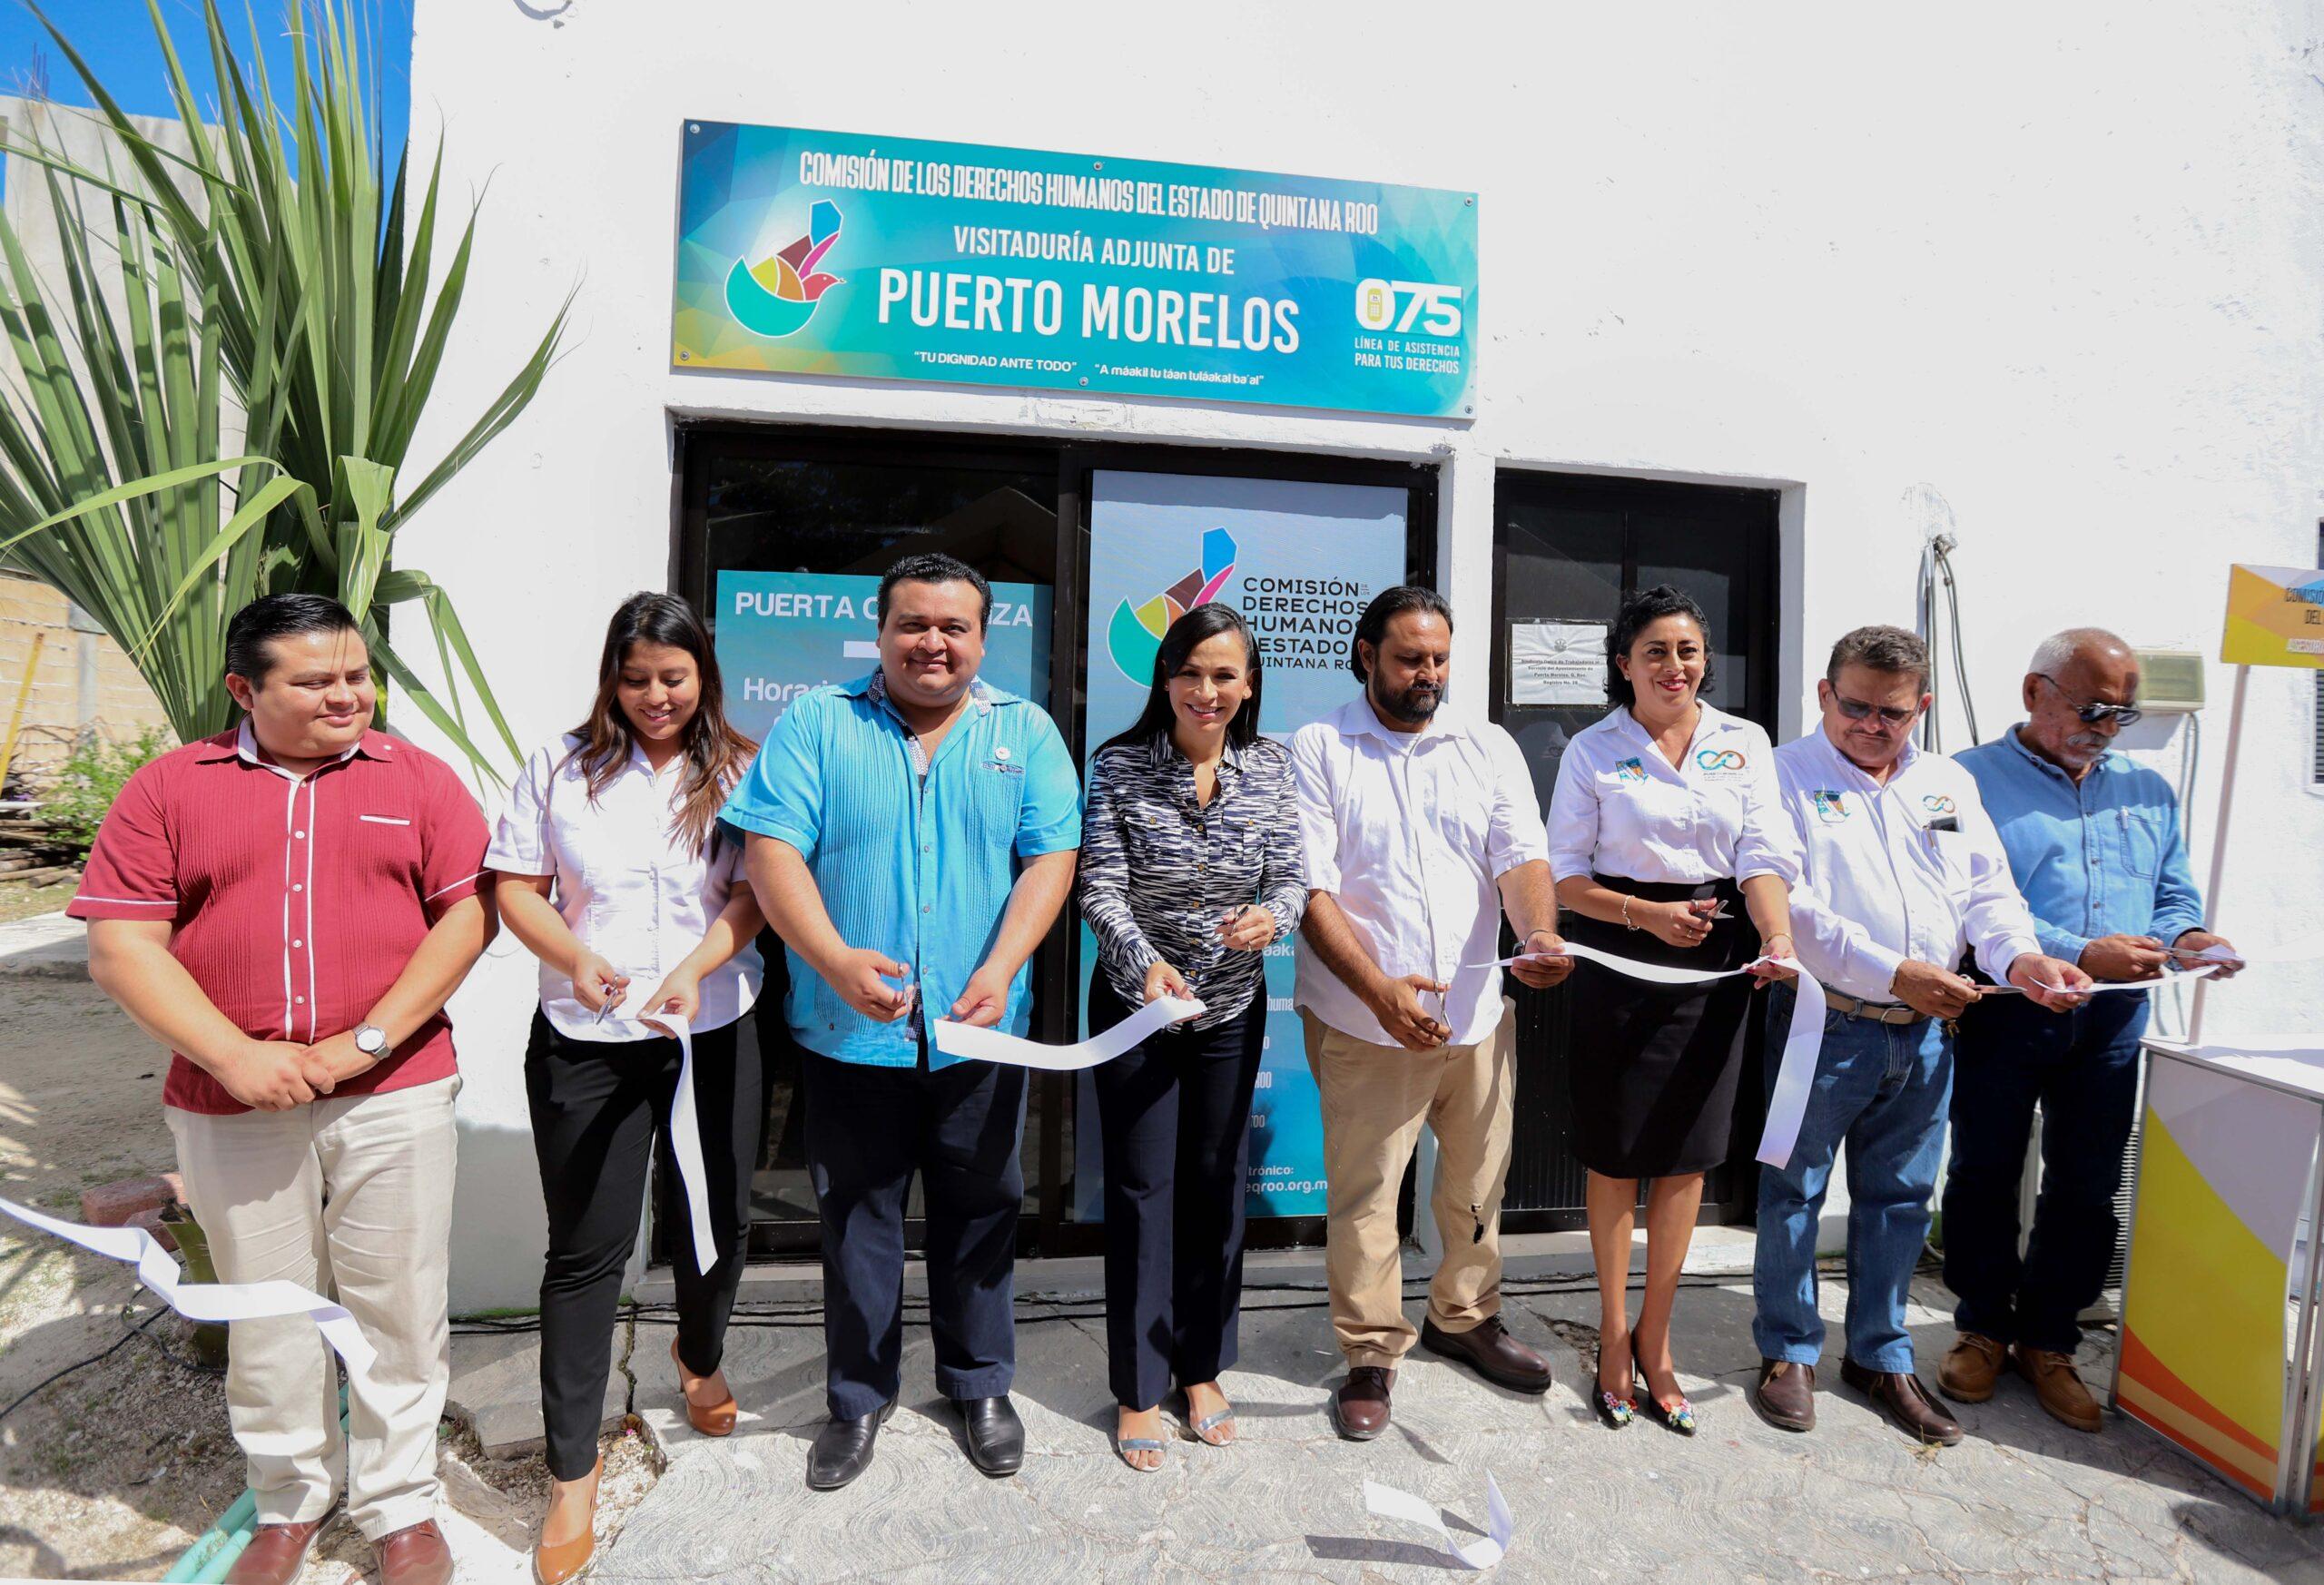 Comisión de los Derechos Humanos llega a Puerto Morelos